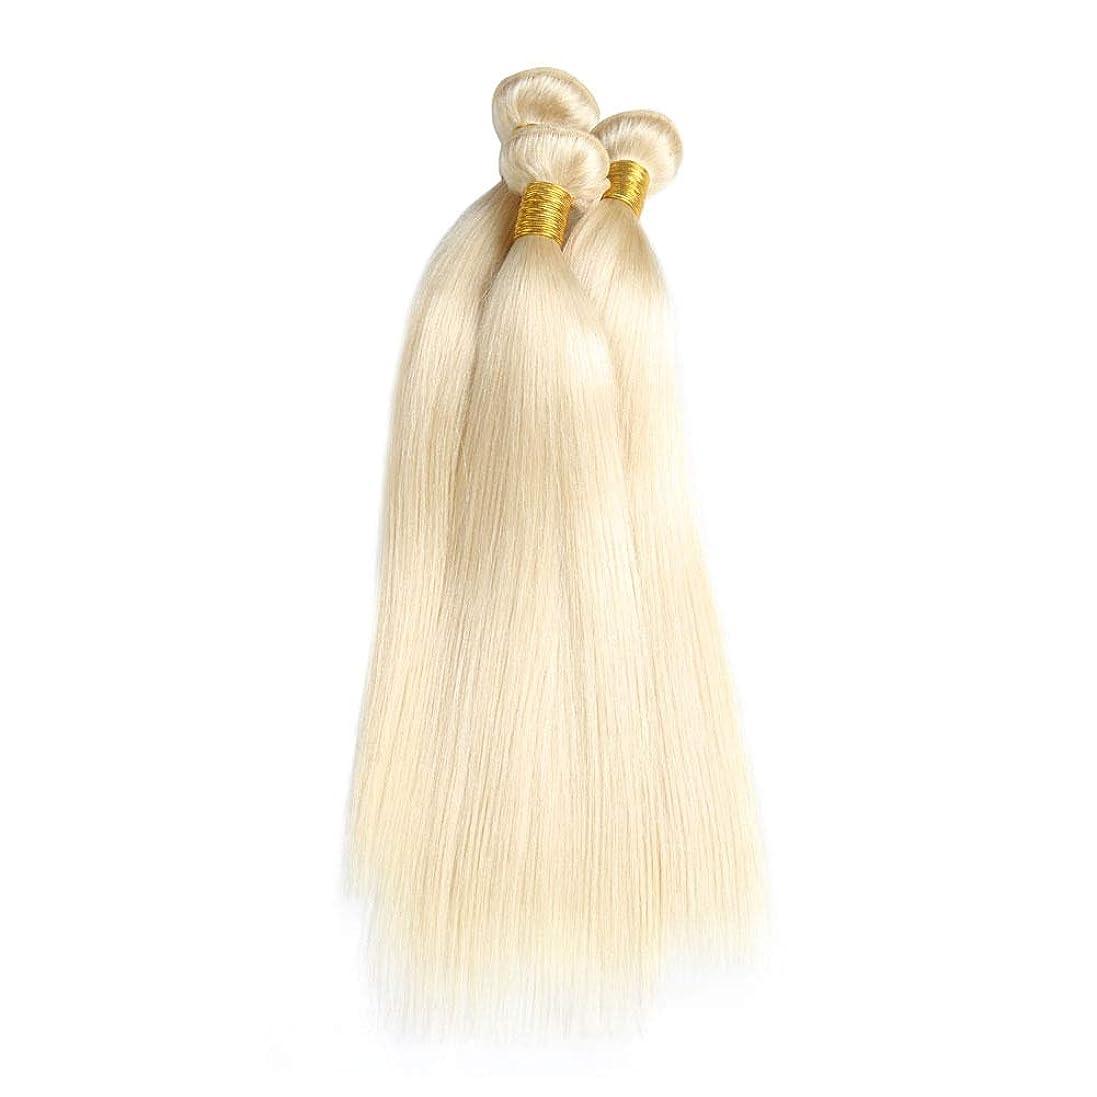 いろいろシャーク軽SRY-Wigファッション ファッションライトブロンドレースフロントウィッグロングストレートプラチナブロンド合成ウィッグ女性用ハーフハンド結んだ波状ウィッグ22インチ (Color : 白, Size : 8inch)